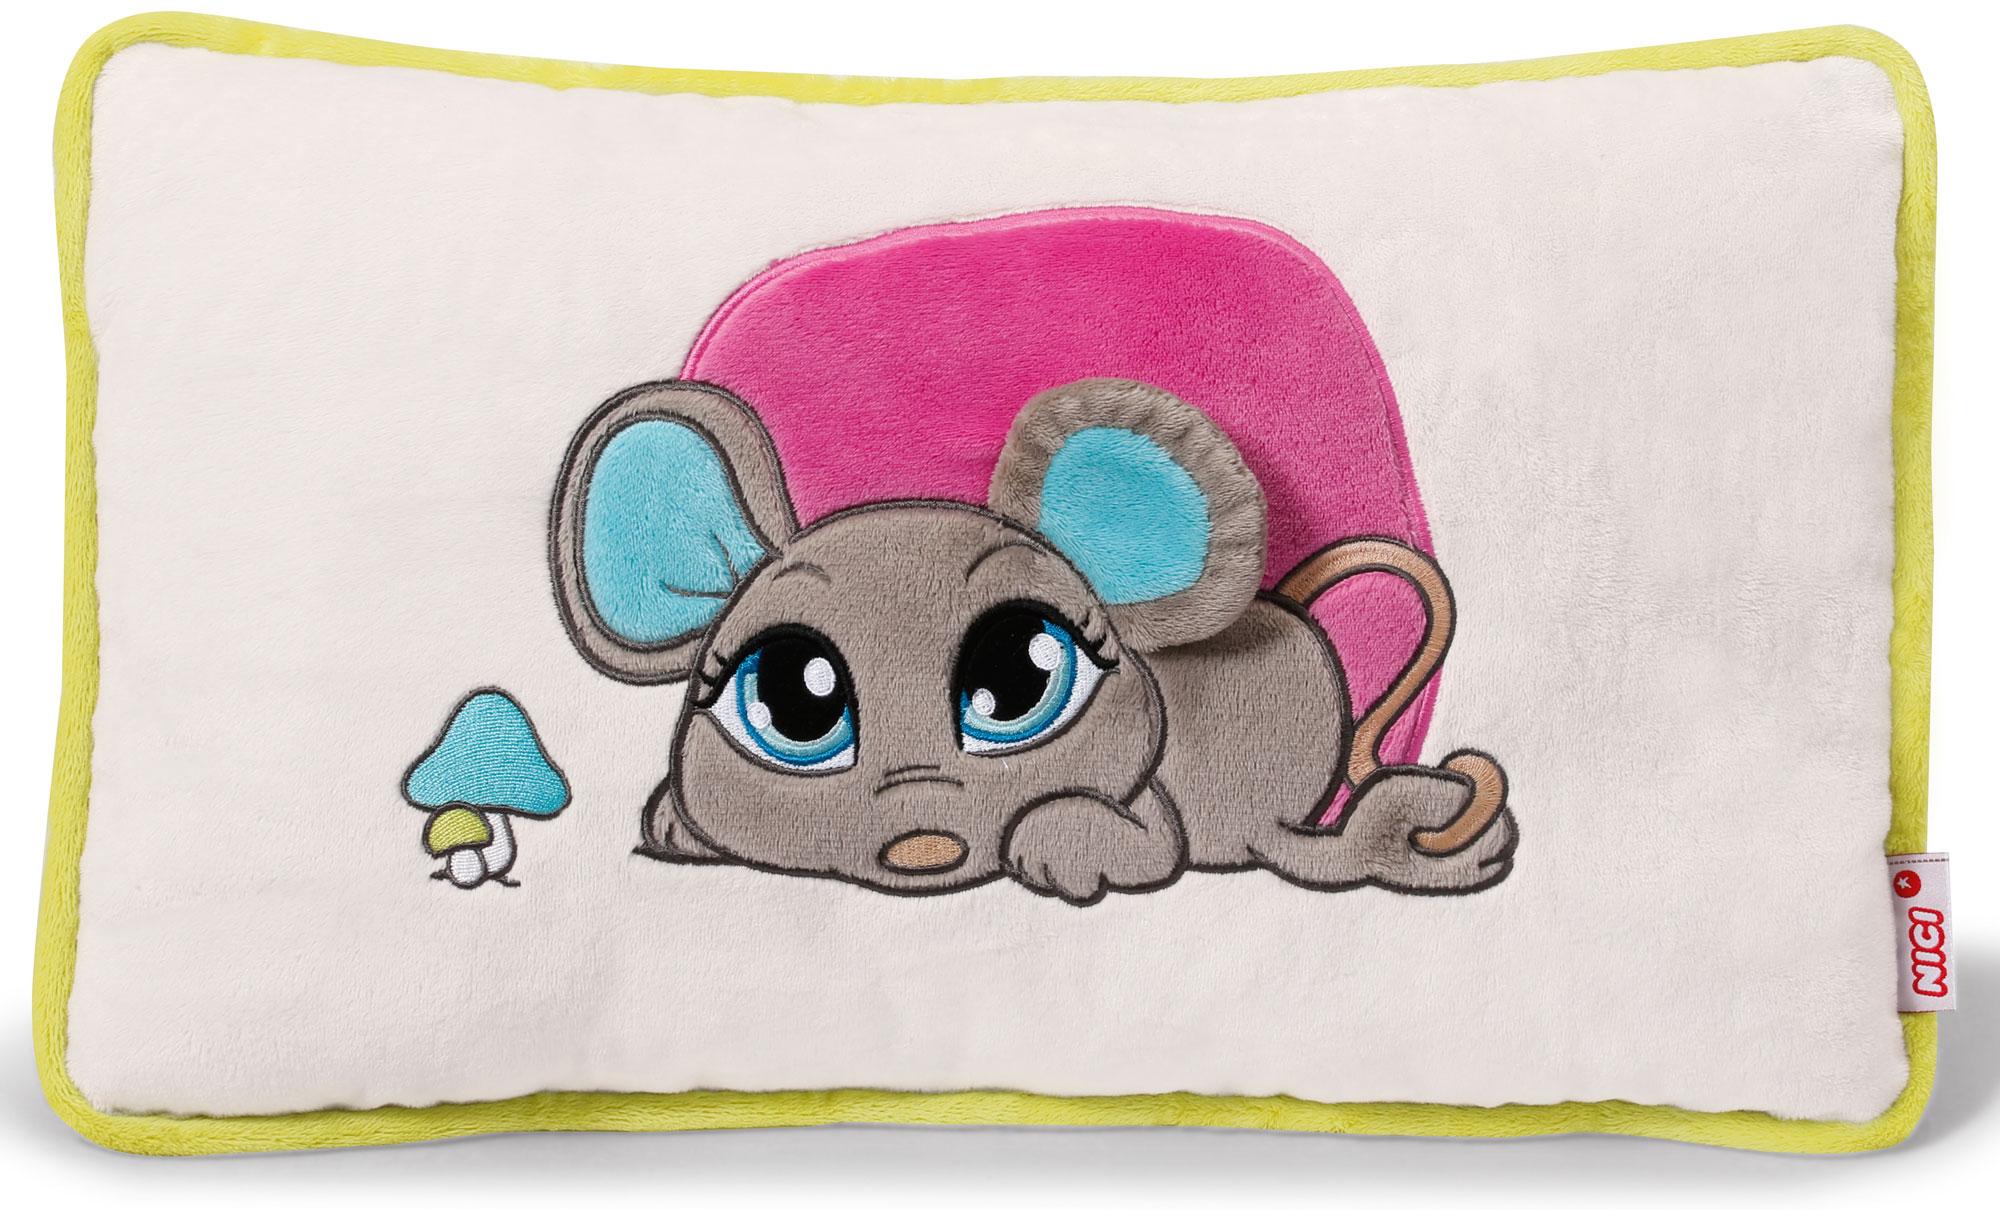 Nici Подушка Мышка серая 43 х 25 см37777Мягкая подушка Nici Мышка серая не оставит равнодушным вашего ребенка.Мягкая и приятная на ощупь подушка прямоугольной формы выполнена из полиэстера с мягкой набивкой и оформлена вышитой аппликацией в виде симпатичной серой мышки. Подушка удивительно приятна на ощупь. Необычайно мягкая, она принесет радость и подарит своему обладателю мгновения нежных объятий и приятных воспоминаний.Такая подушка станет отличным аксессуаром для детской комнаты.